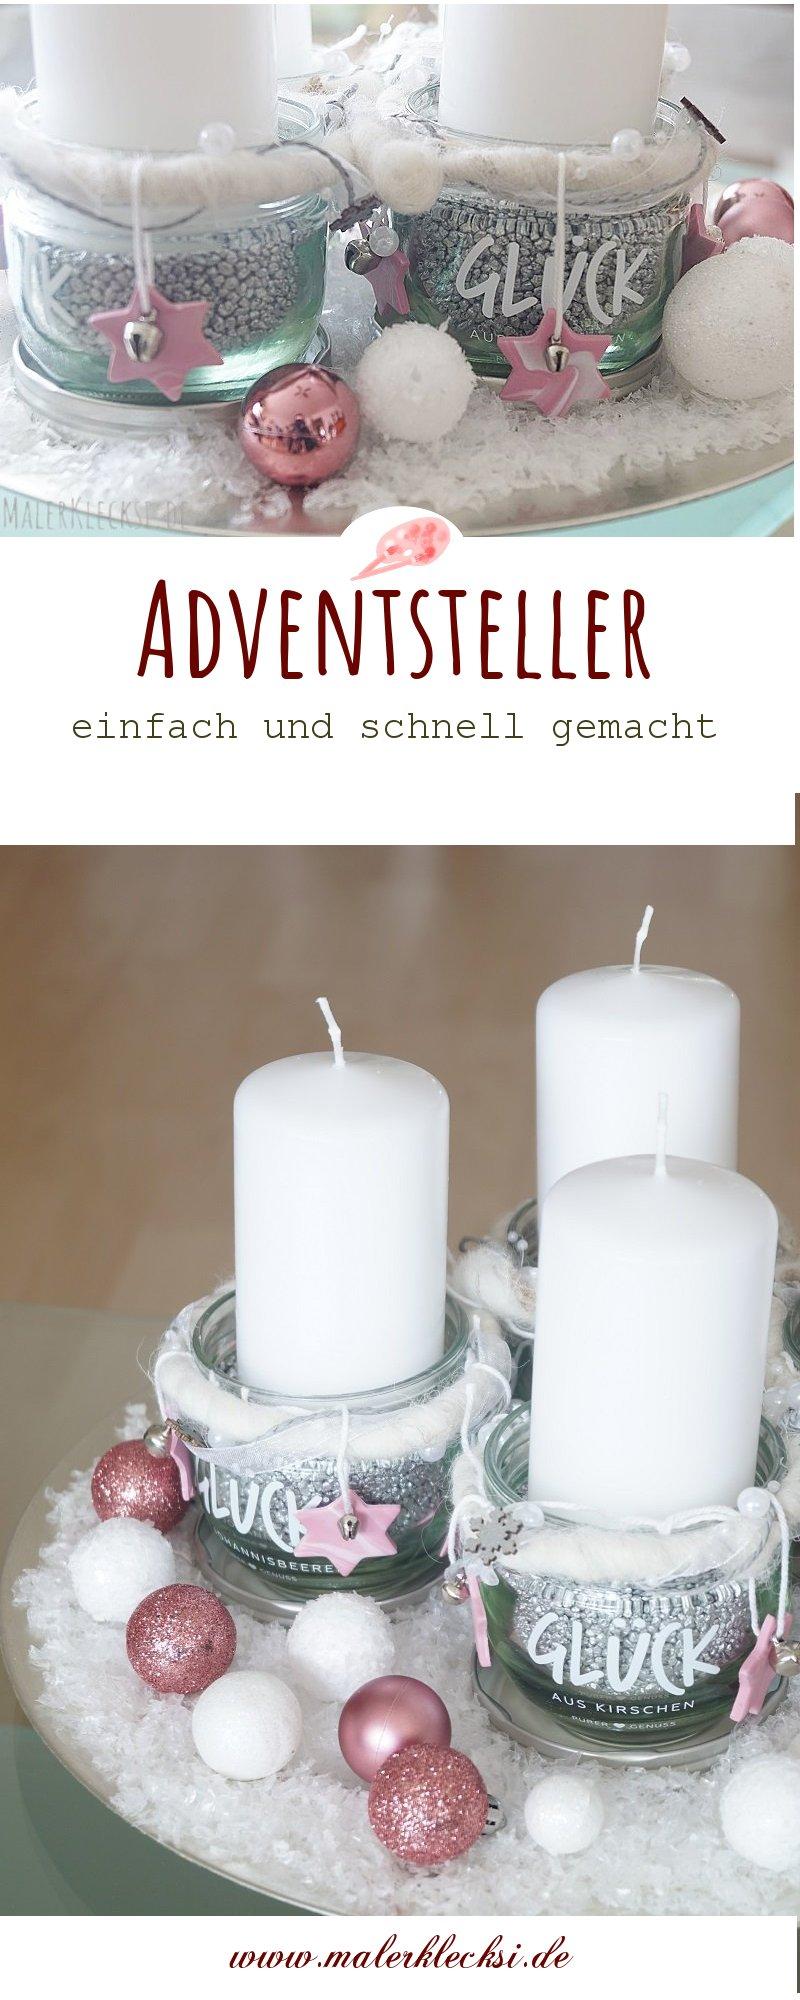 Adventsteller mit Marmeladengläsern und Fimo-Sternen. DIY zu Weihnachten, DIY Geschenkidee,